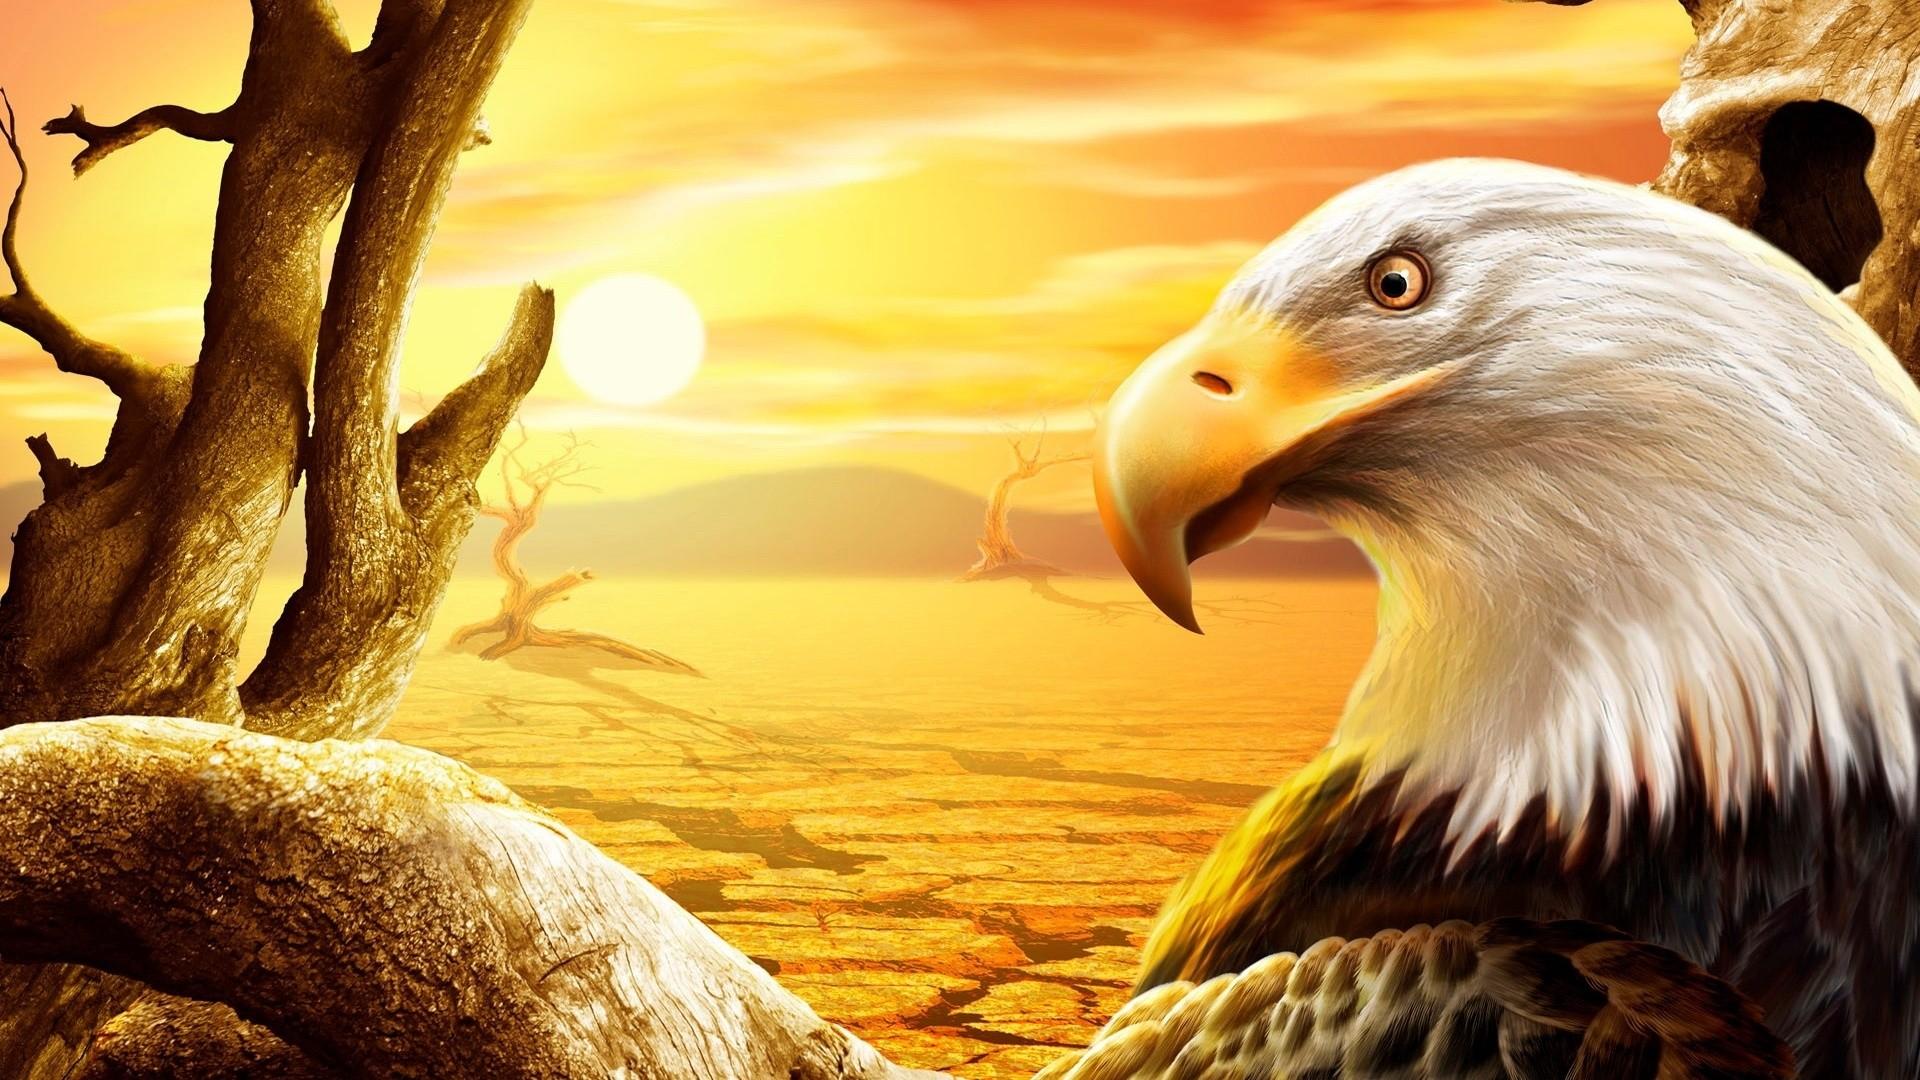 Eagle Wallpaper Picture hd